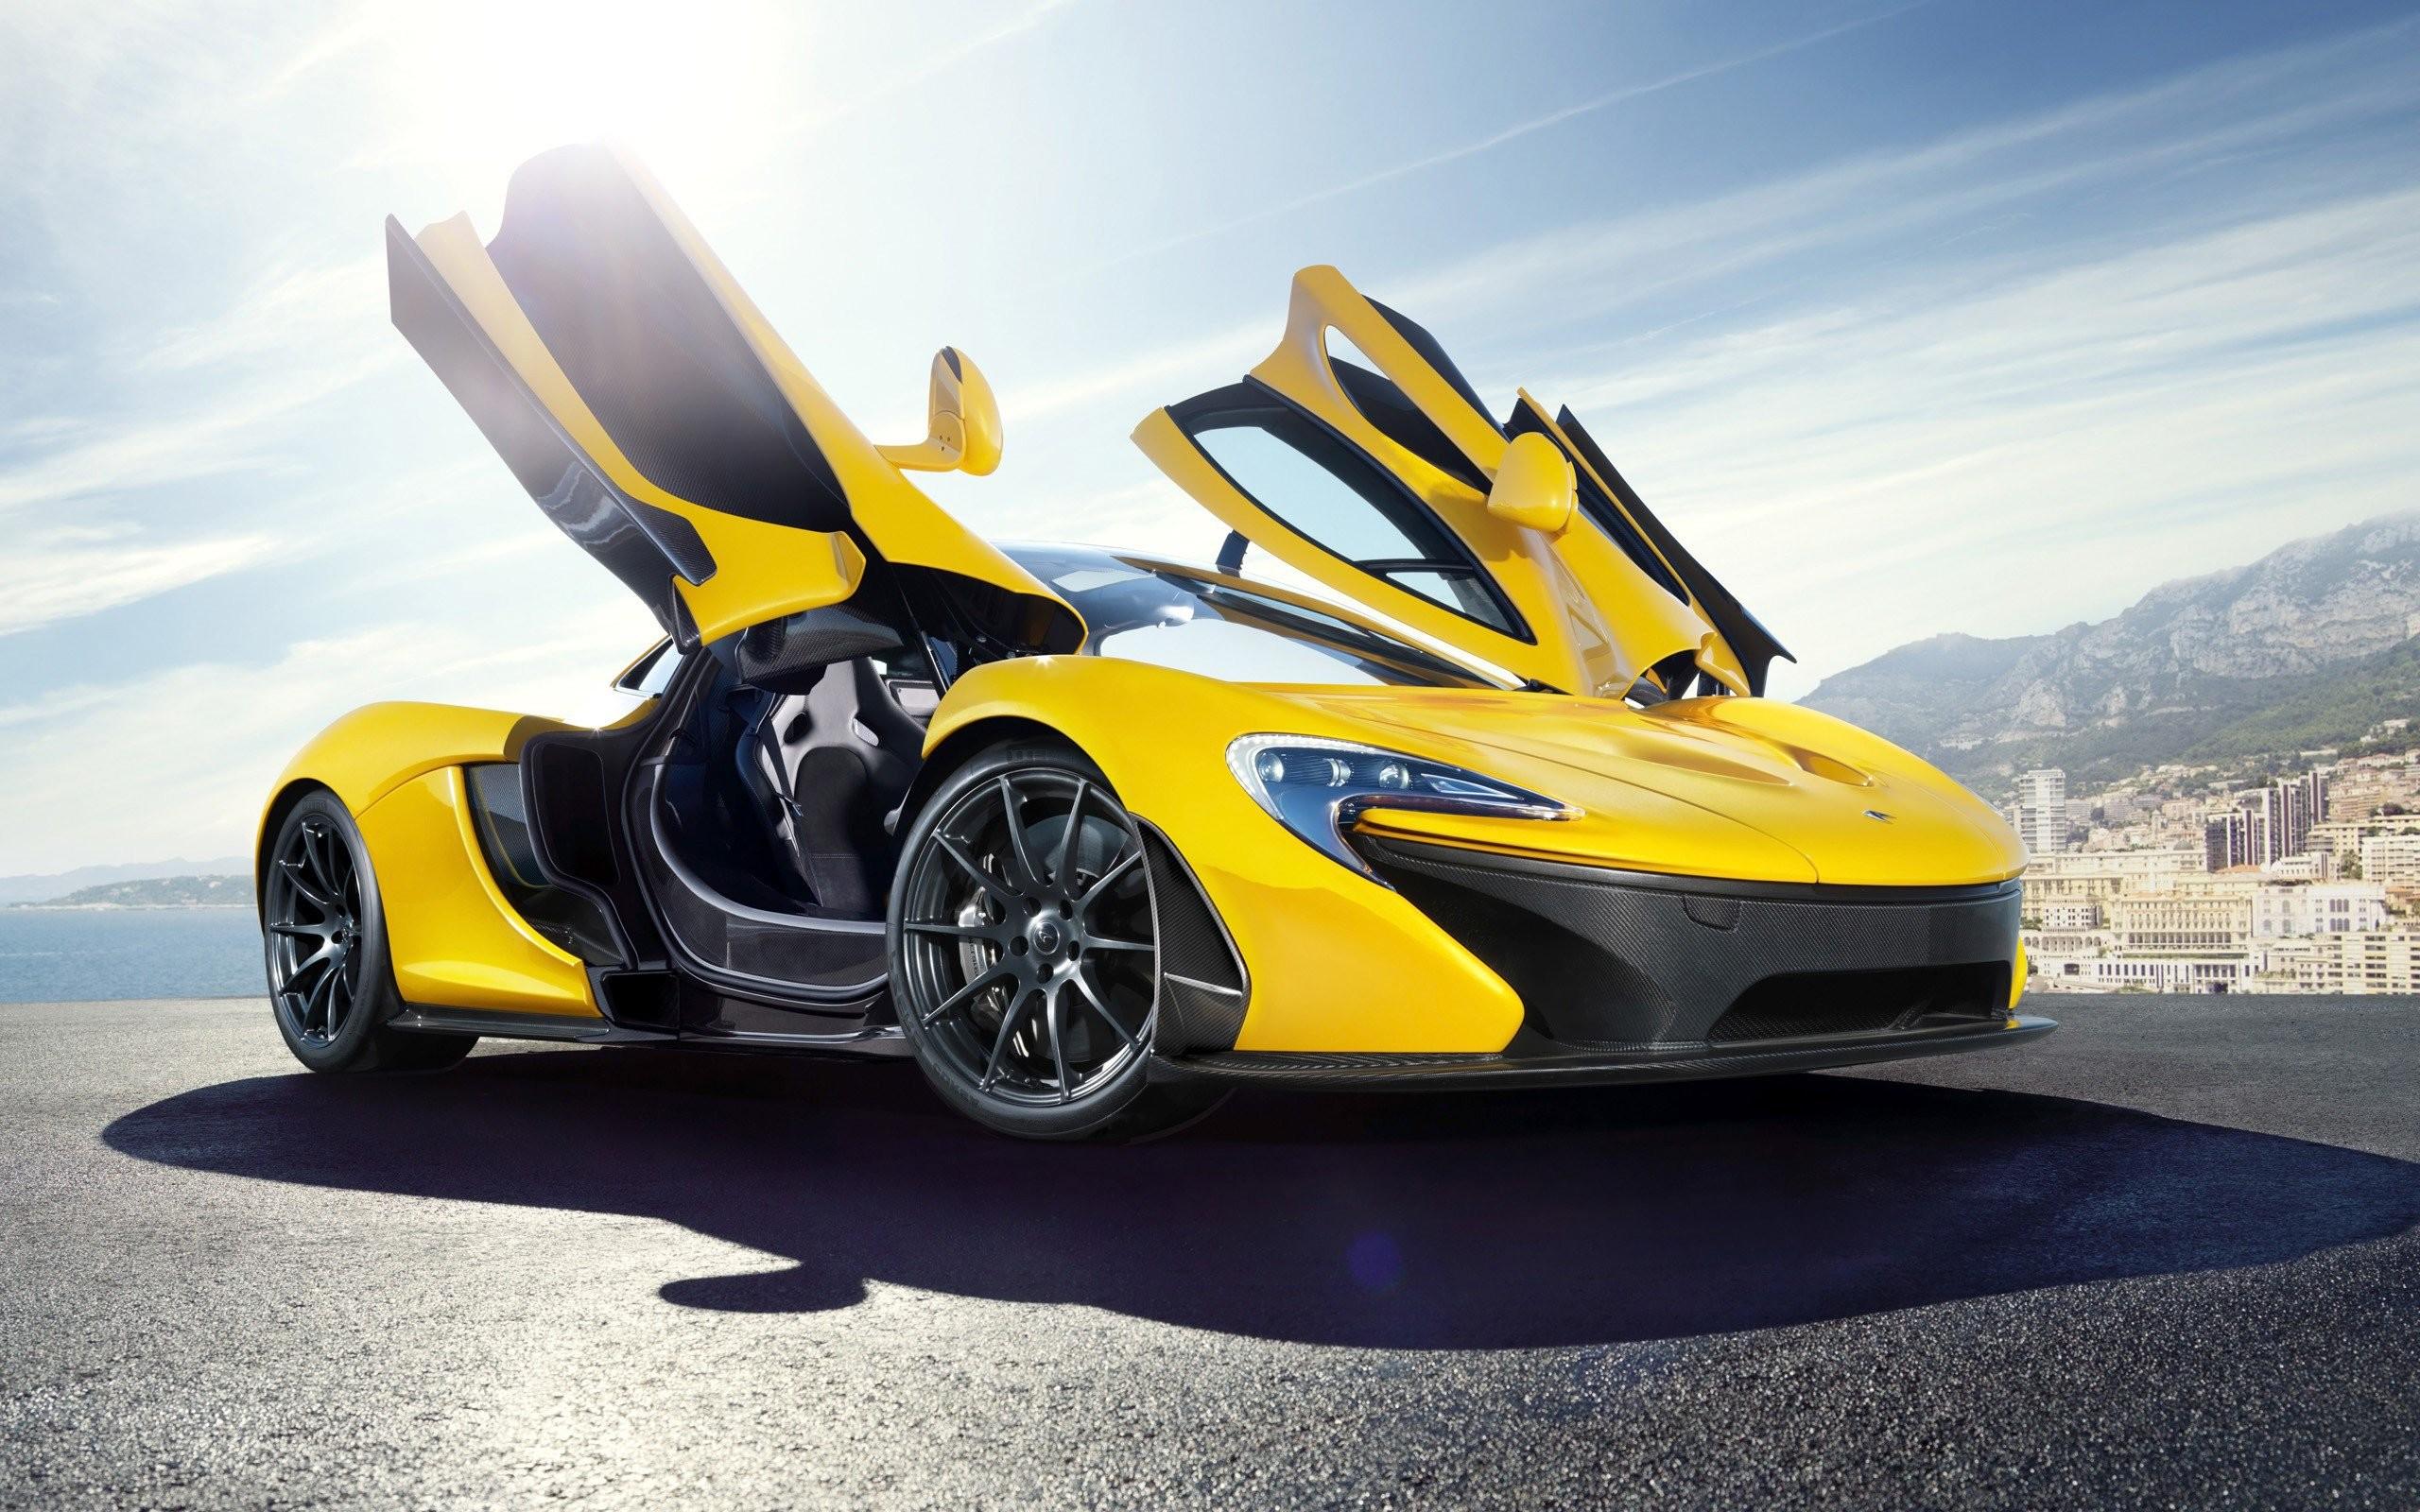 Res: 2560x1600, Yellow Mclaren P1